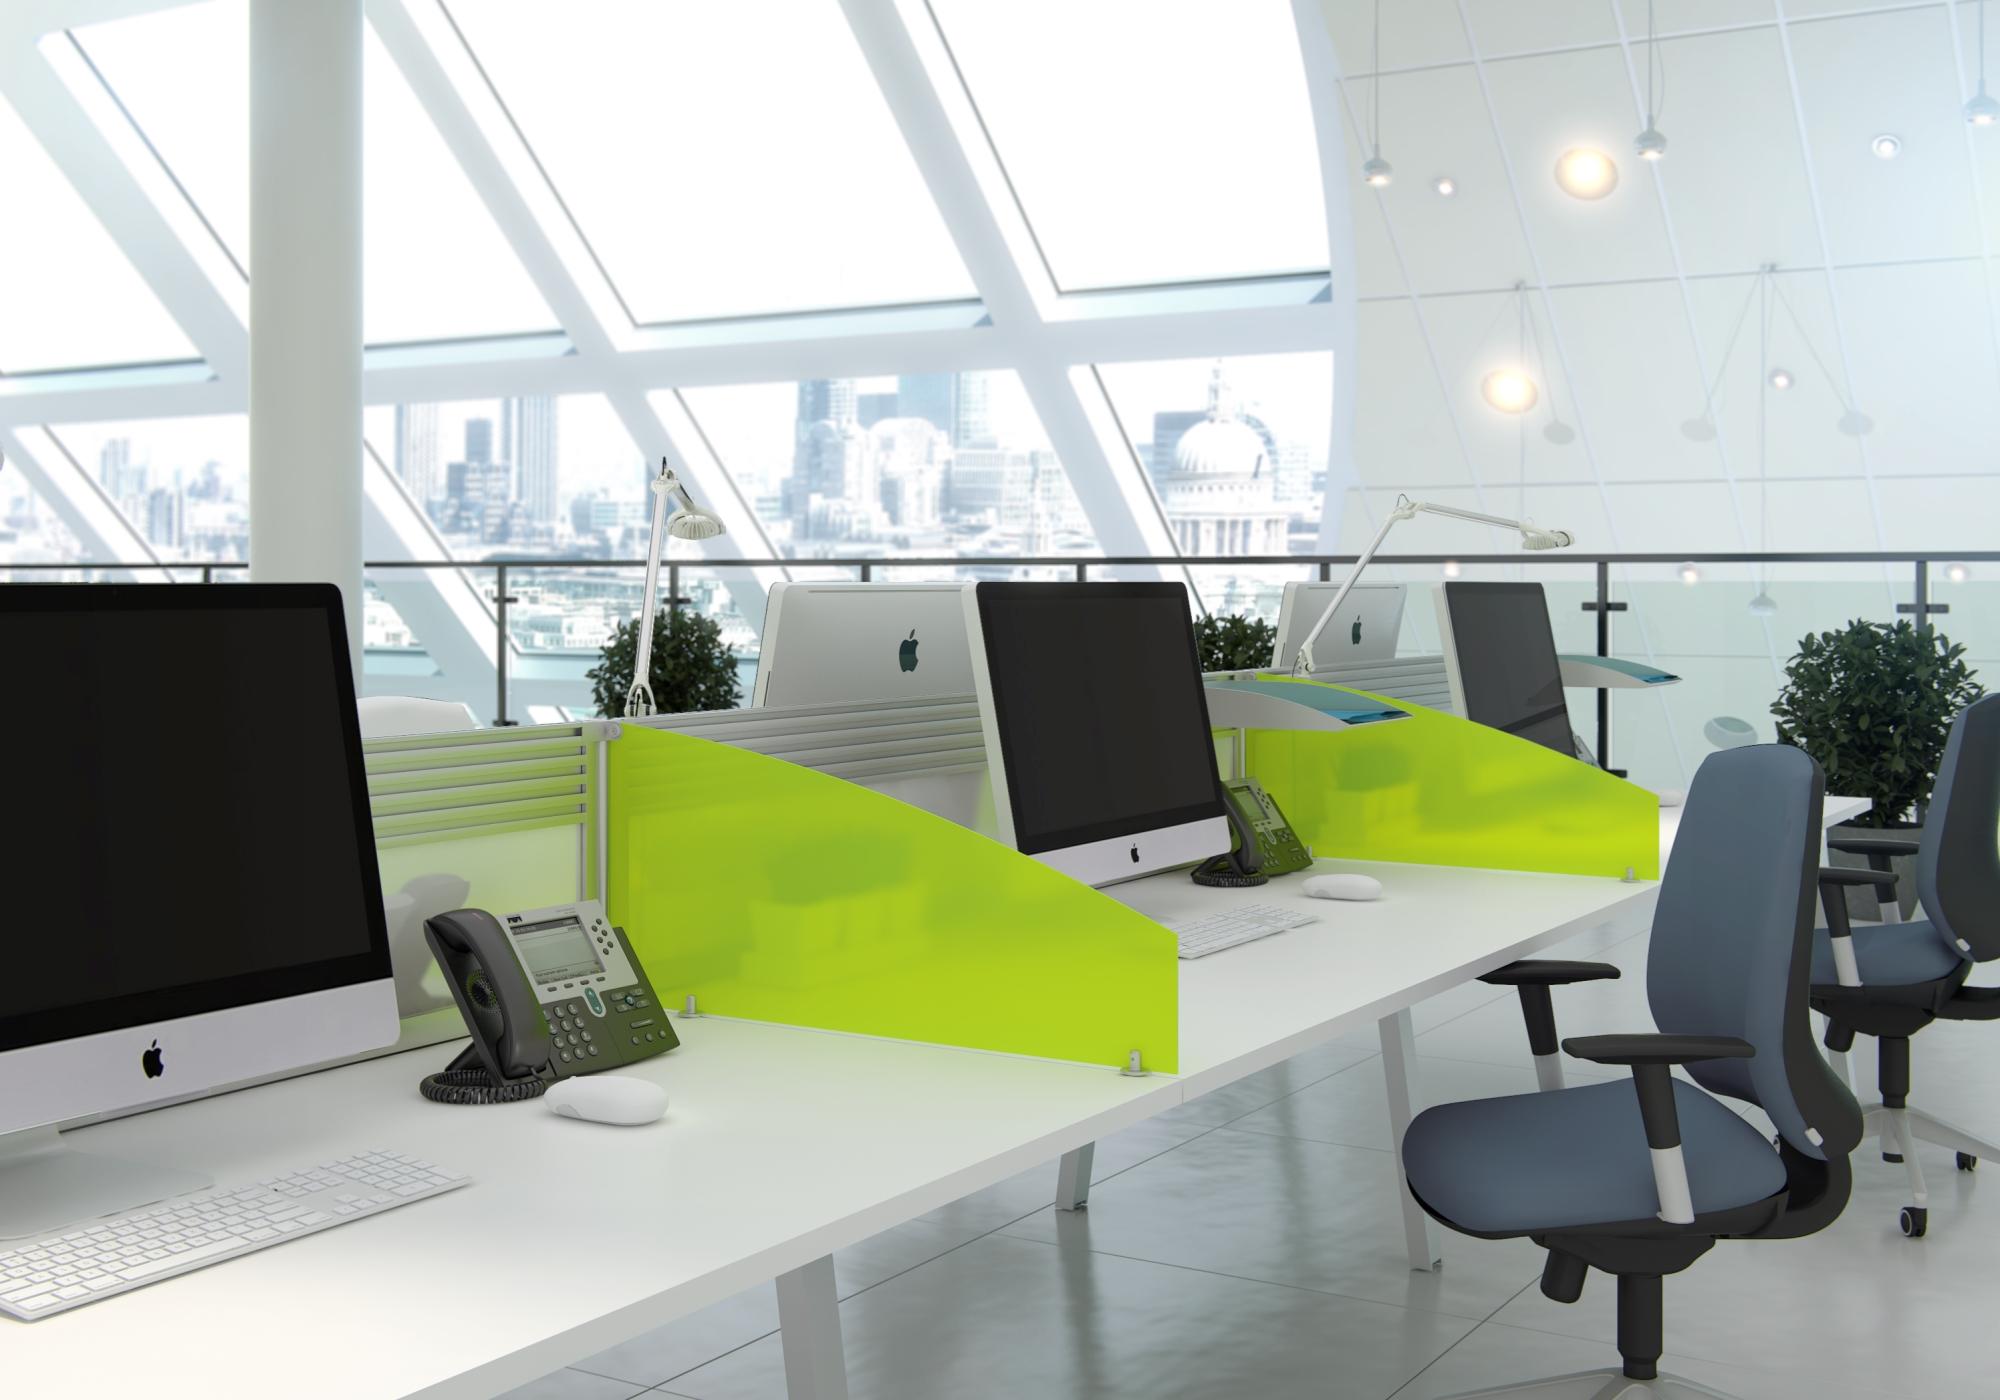 thiết kế nội thất văn phòng hiện đại